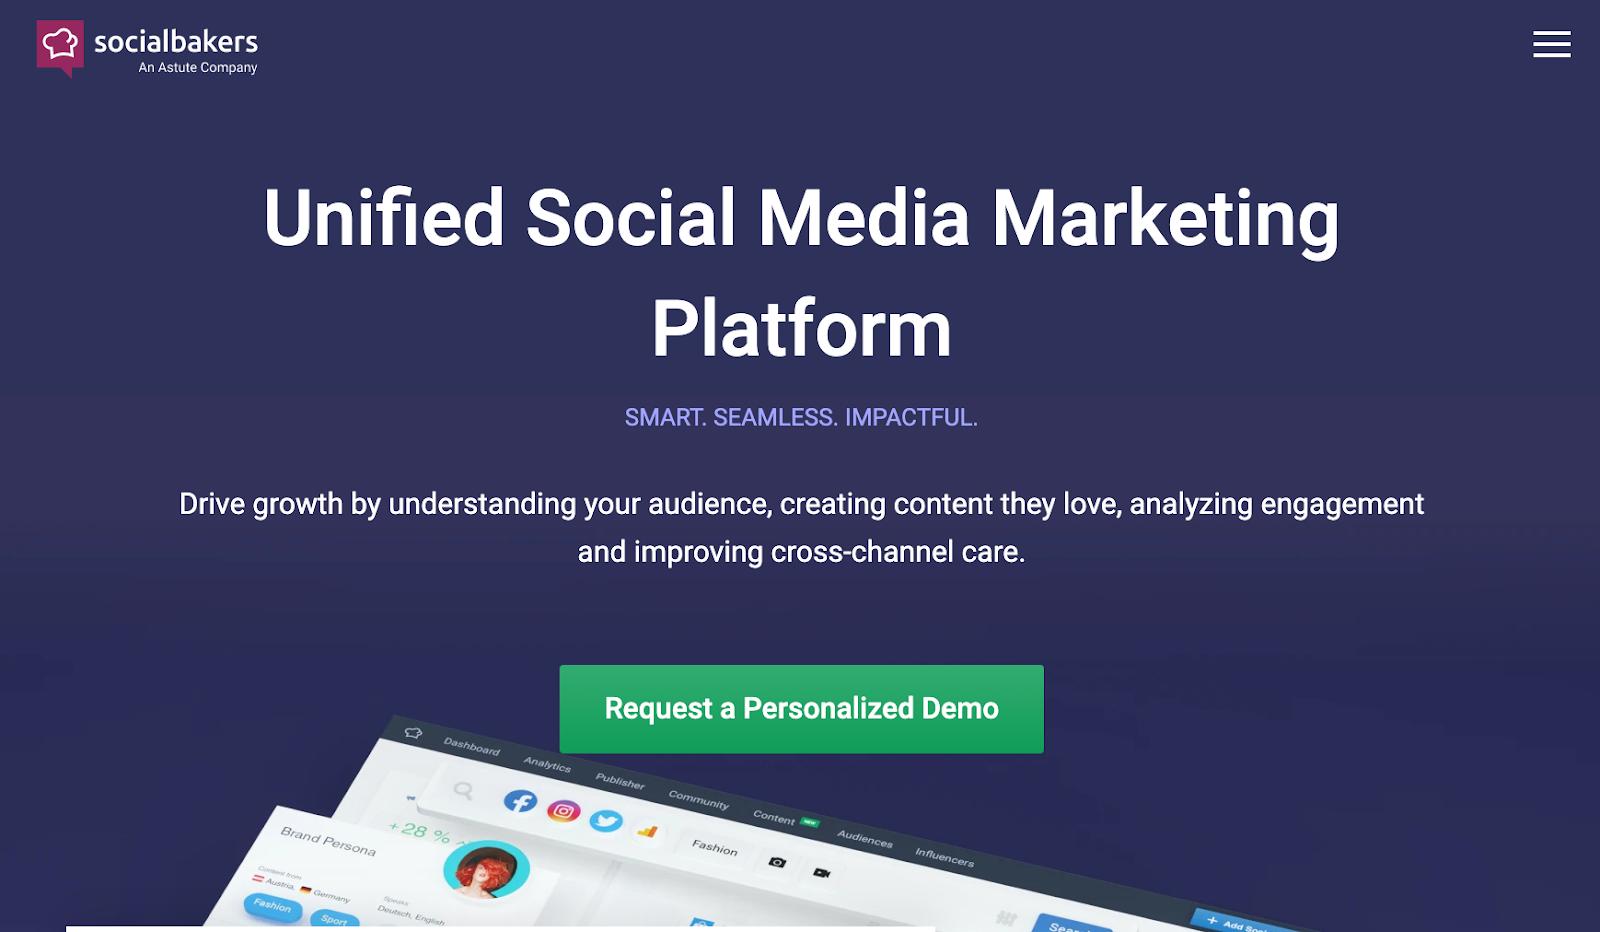 social bakers social media marketing platform